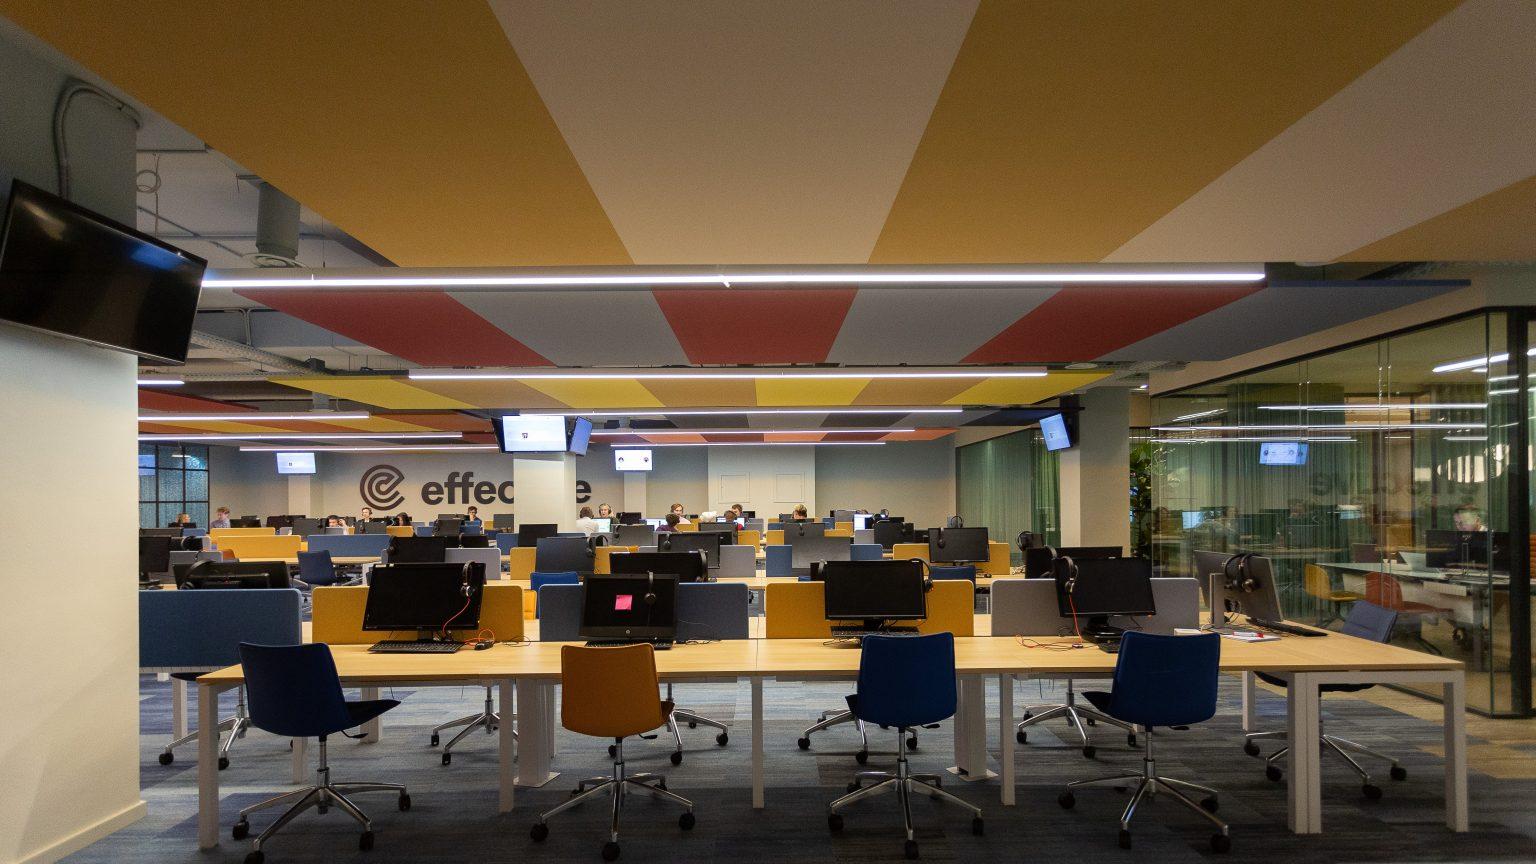 oficinas-effective-instalacion-de-ventilacion